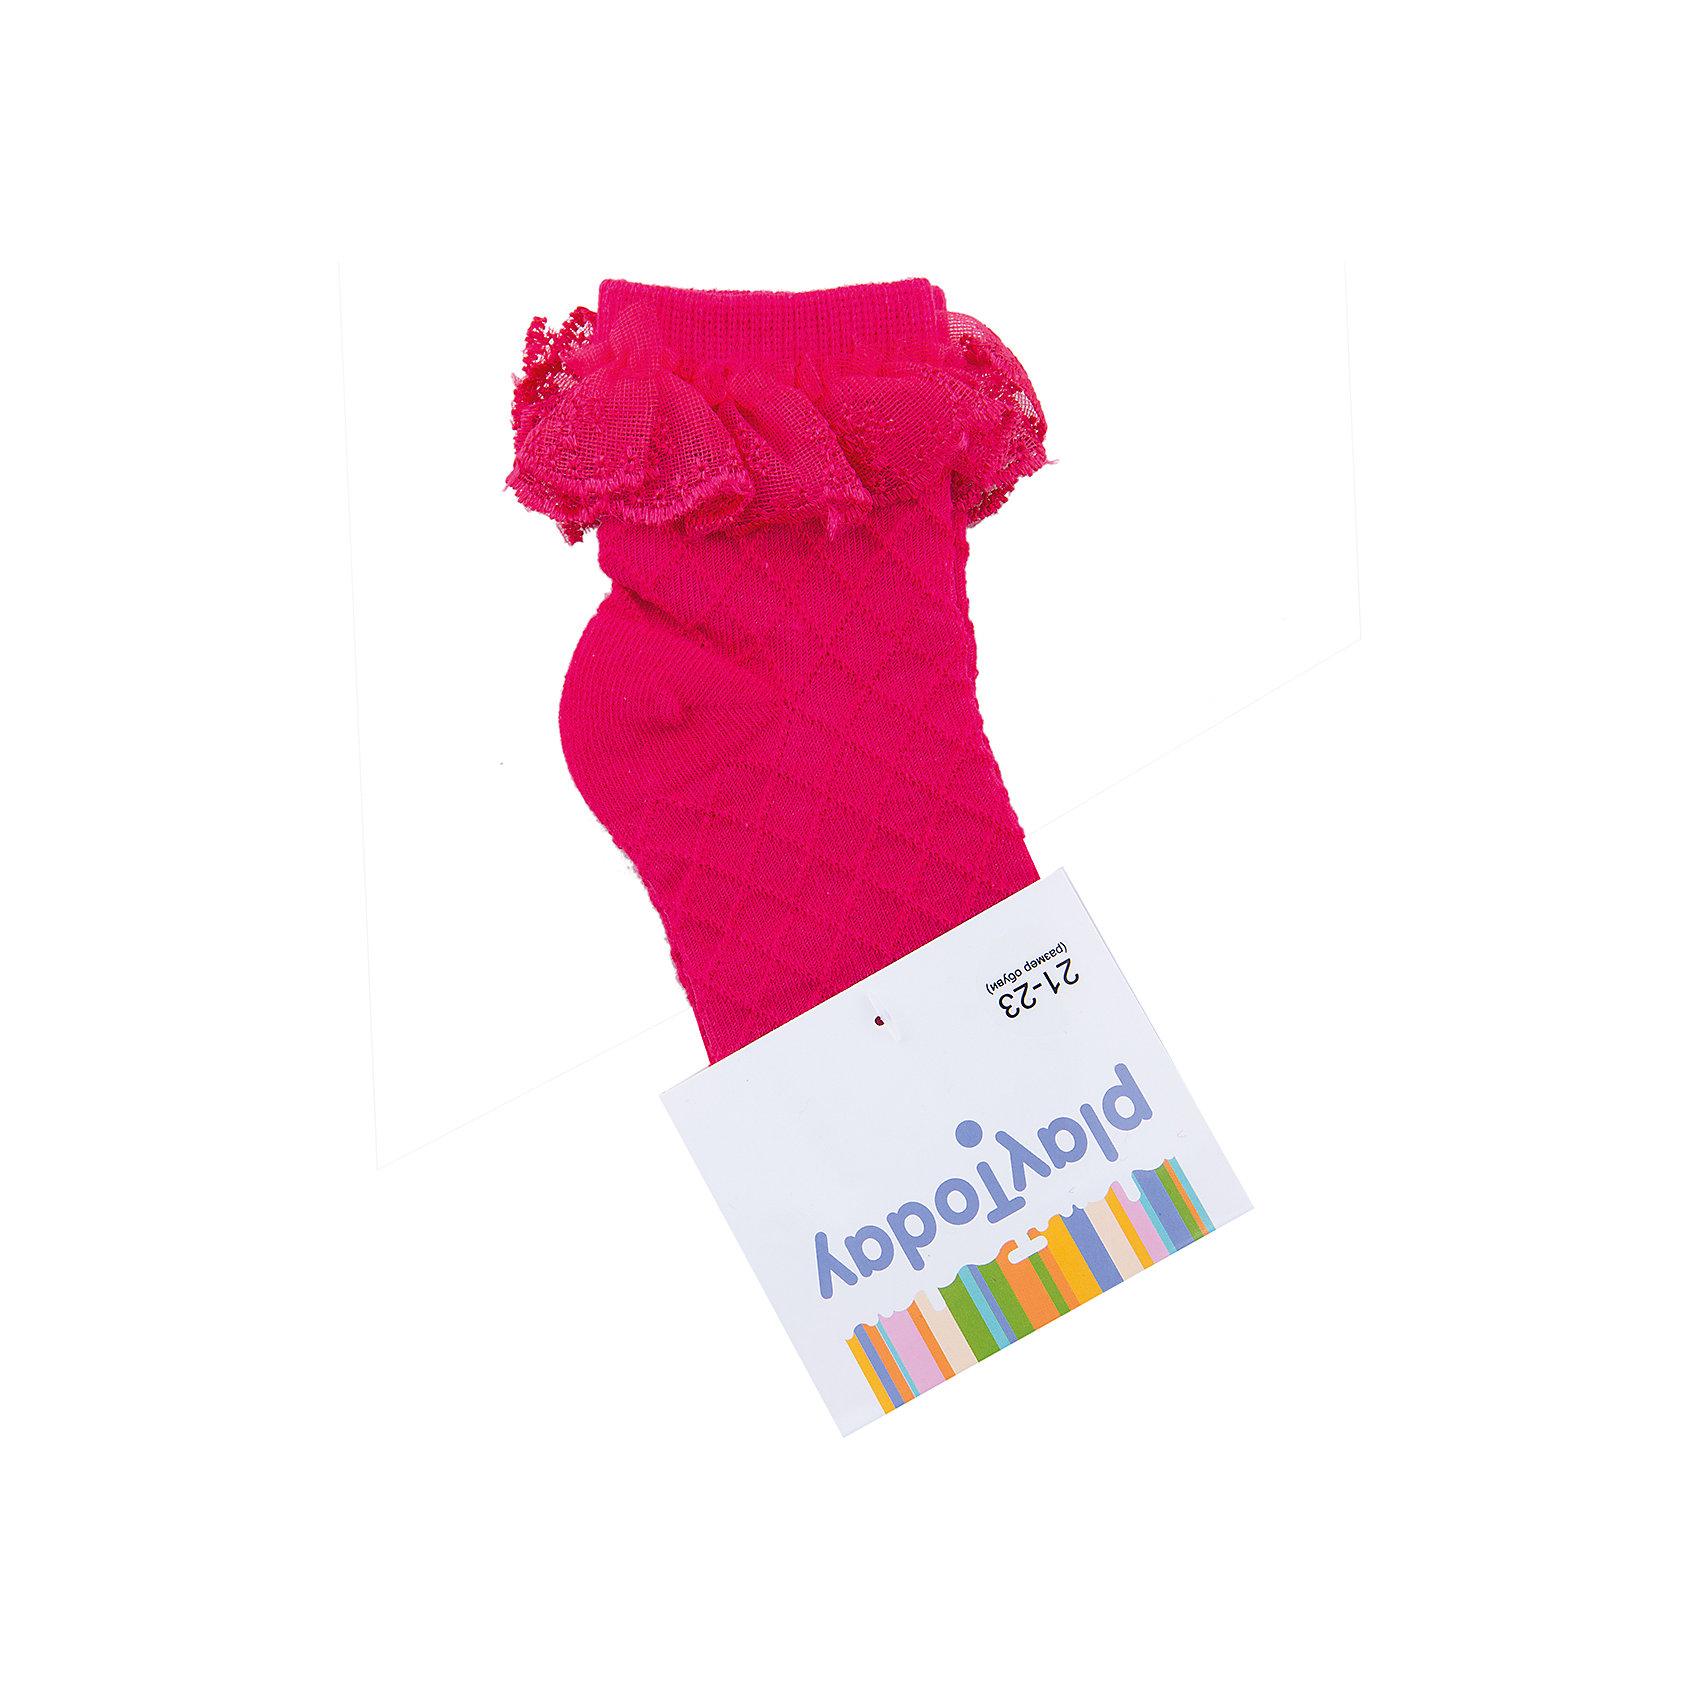 Носки для девочки PlayTodayНоски<br>Носки для девочки PlayToday<br>Носки очень мягкие, из качественных материалов, приятны к телу и не сковывают движений. Хорошо пропускают воздух, тем самым позволяя коже дышать.  Даже частые стирки, при условии соблюдений рекомендаций по уходу, не изменят ни форму, ни цвет изделий.Преимущества: Мягкие, выполненные из натуральных материалов, приятны к телу, не сковывают движенийХорошо пропускают воздух, позволяя тем самым коже дышатьДаже частые стирки, при условии соблюдений рекомендаций по уходу, не изменят ни форму, ни цвет изделия<br>Состав:<br>75% хлопок, 22% нейлон, 3% эластан<br><br>Ширина мм: 87<br>Глубина мм: 10<br>Высота мм: 105<br>Вес г: 115<br>Цвет: розовый<br>Возраст от месяцев: 84<br>Возраст до месяцев: 96<br>Пол: Женский<br>Возраст: Детский<br>Размер: 18,14,16<br>SKU: 5404537